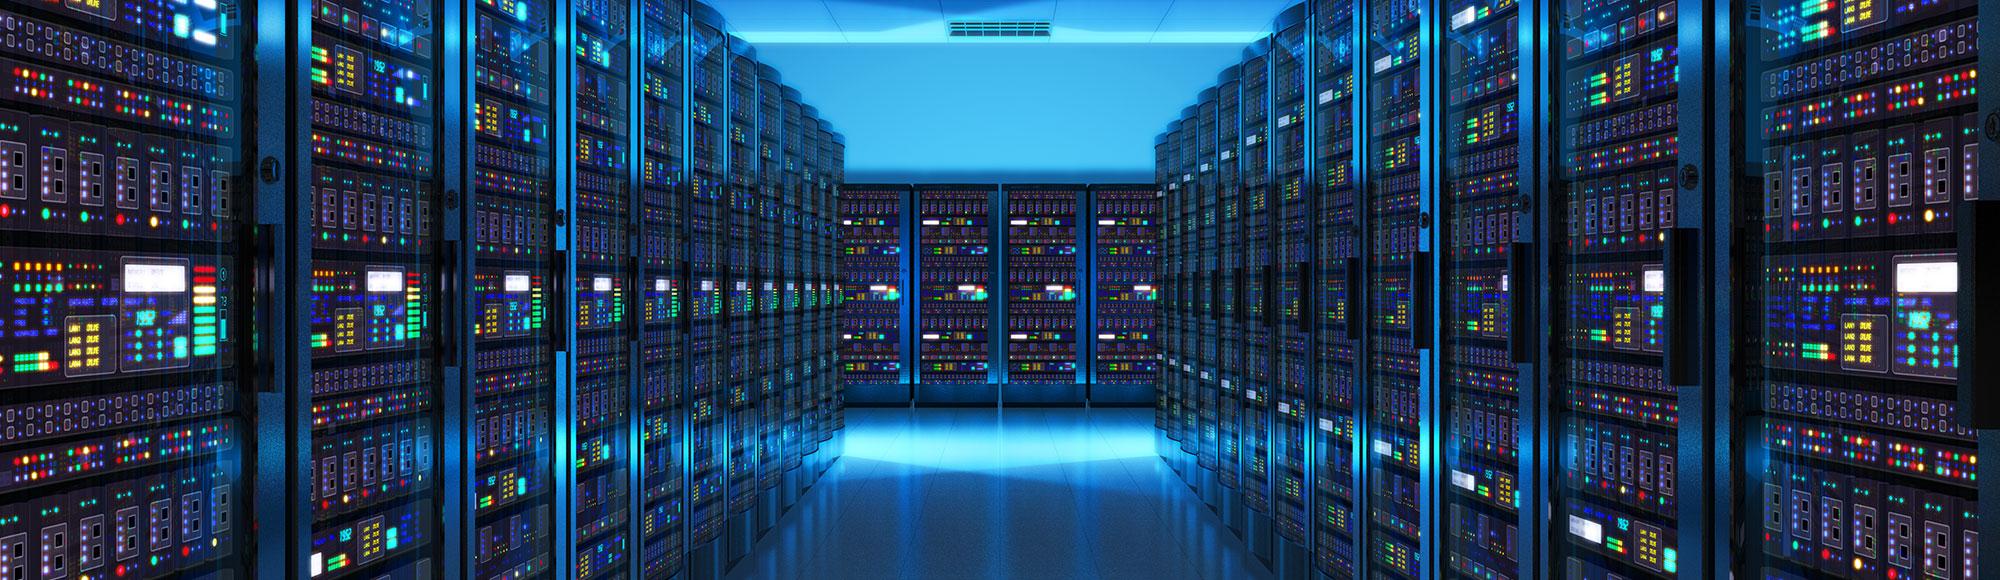 Clean Server Room